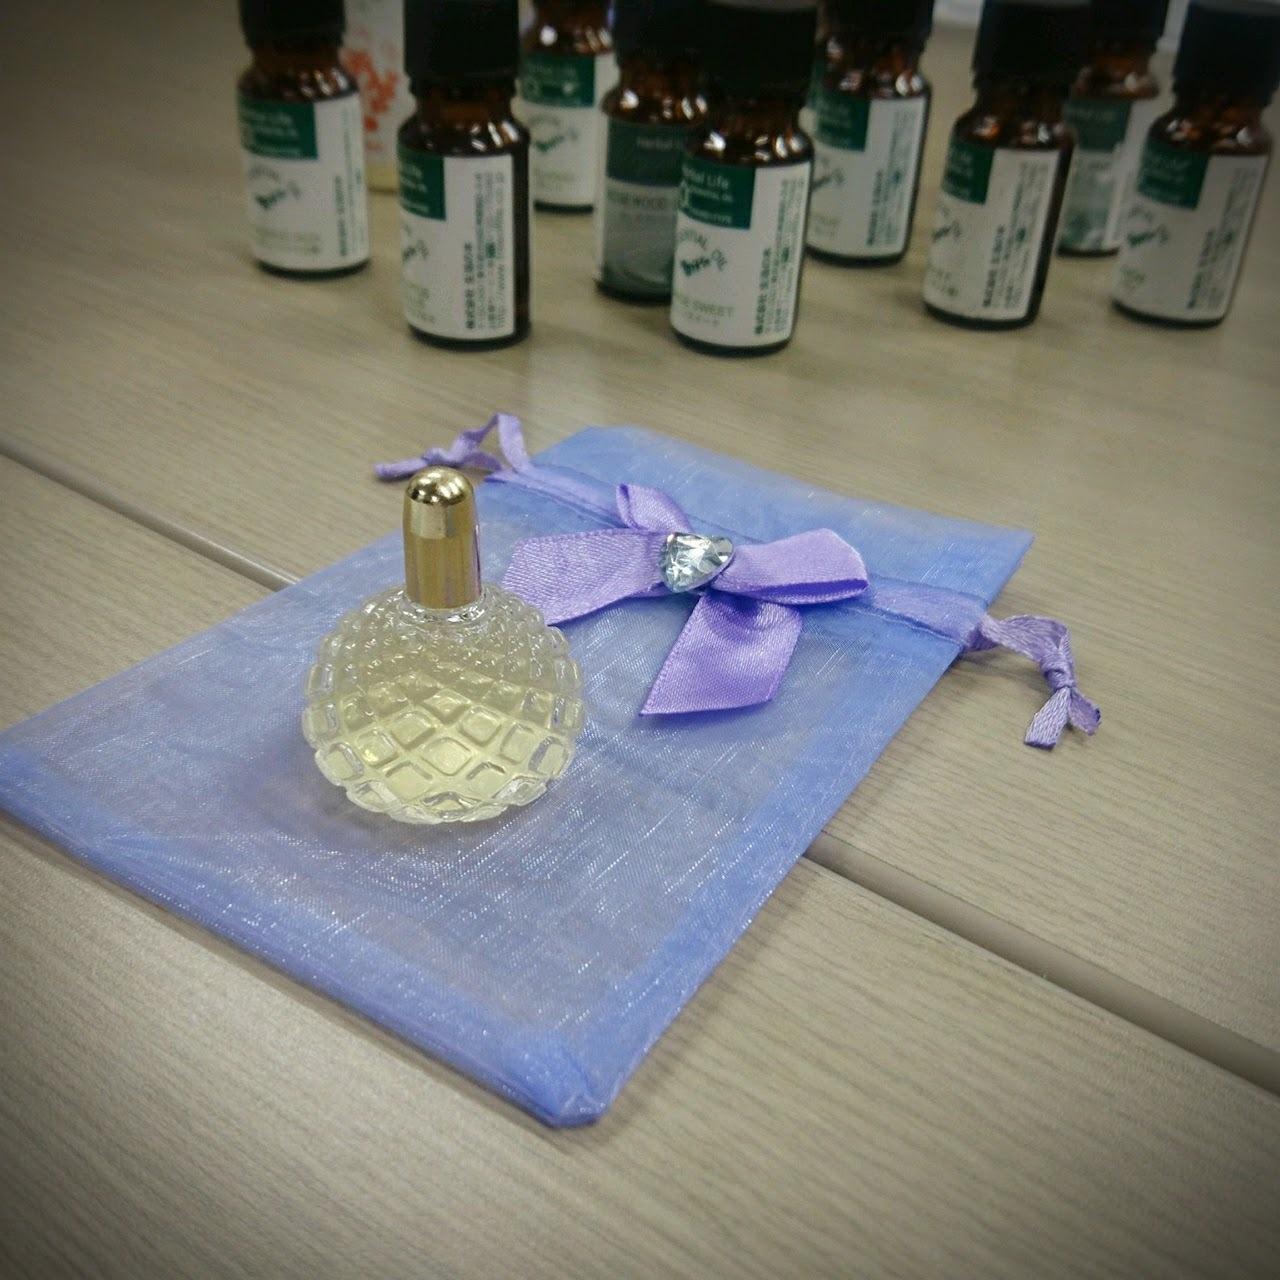 ハッピーを引き寄せるアロマ香水講座@表参道_1_1